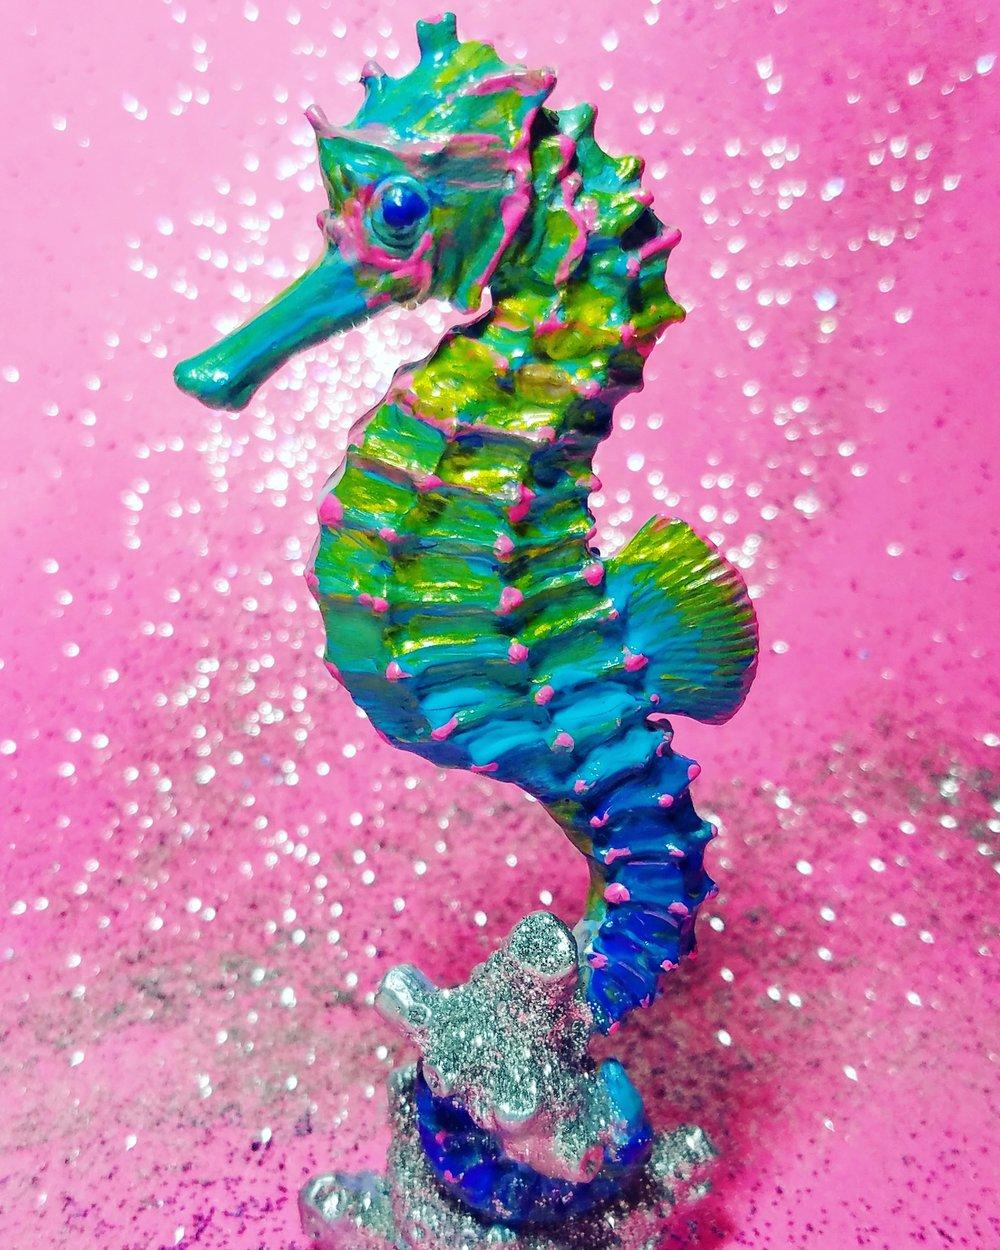 Intergalatic Seahorse